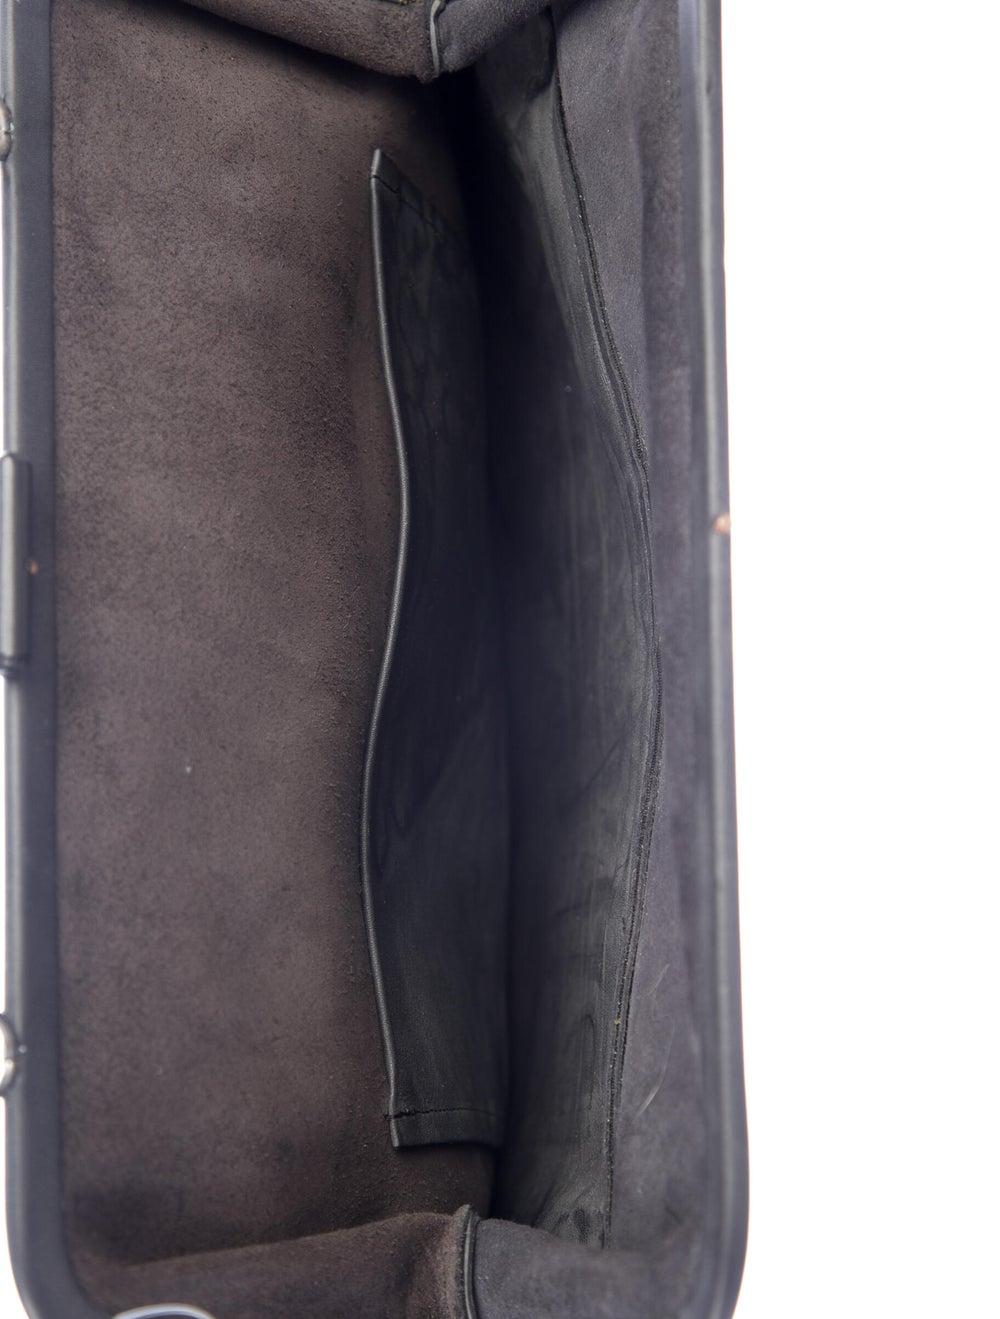 Isaac Reina Leather Radical Satchel Black - image 5